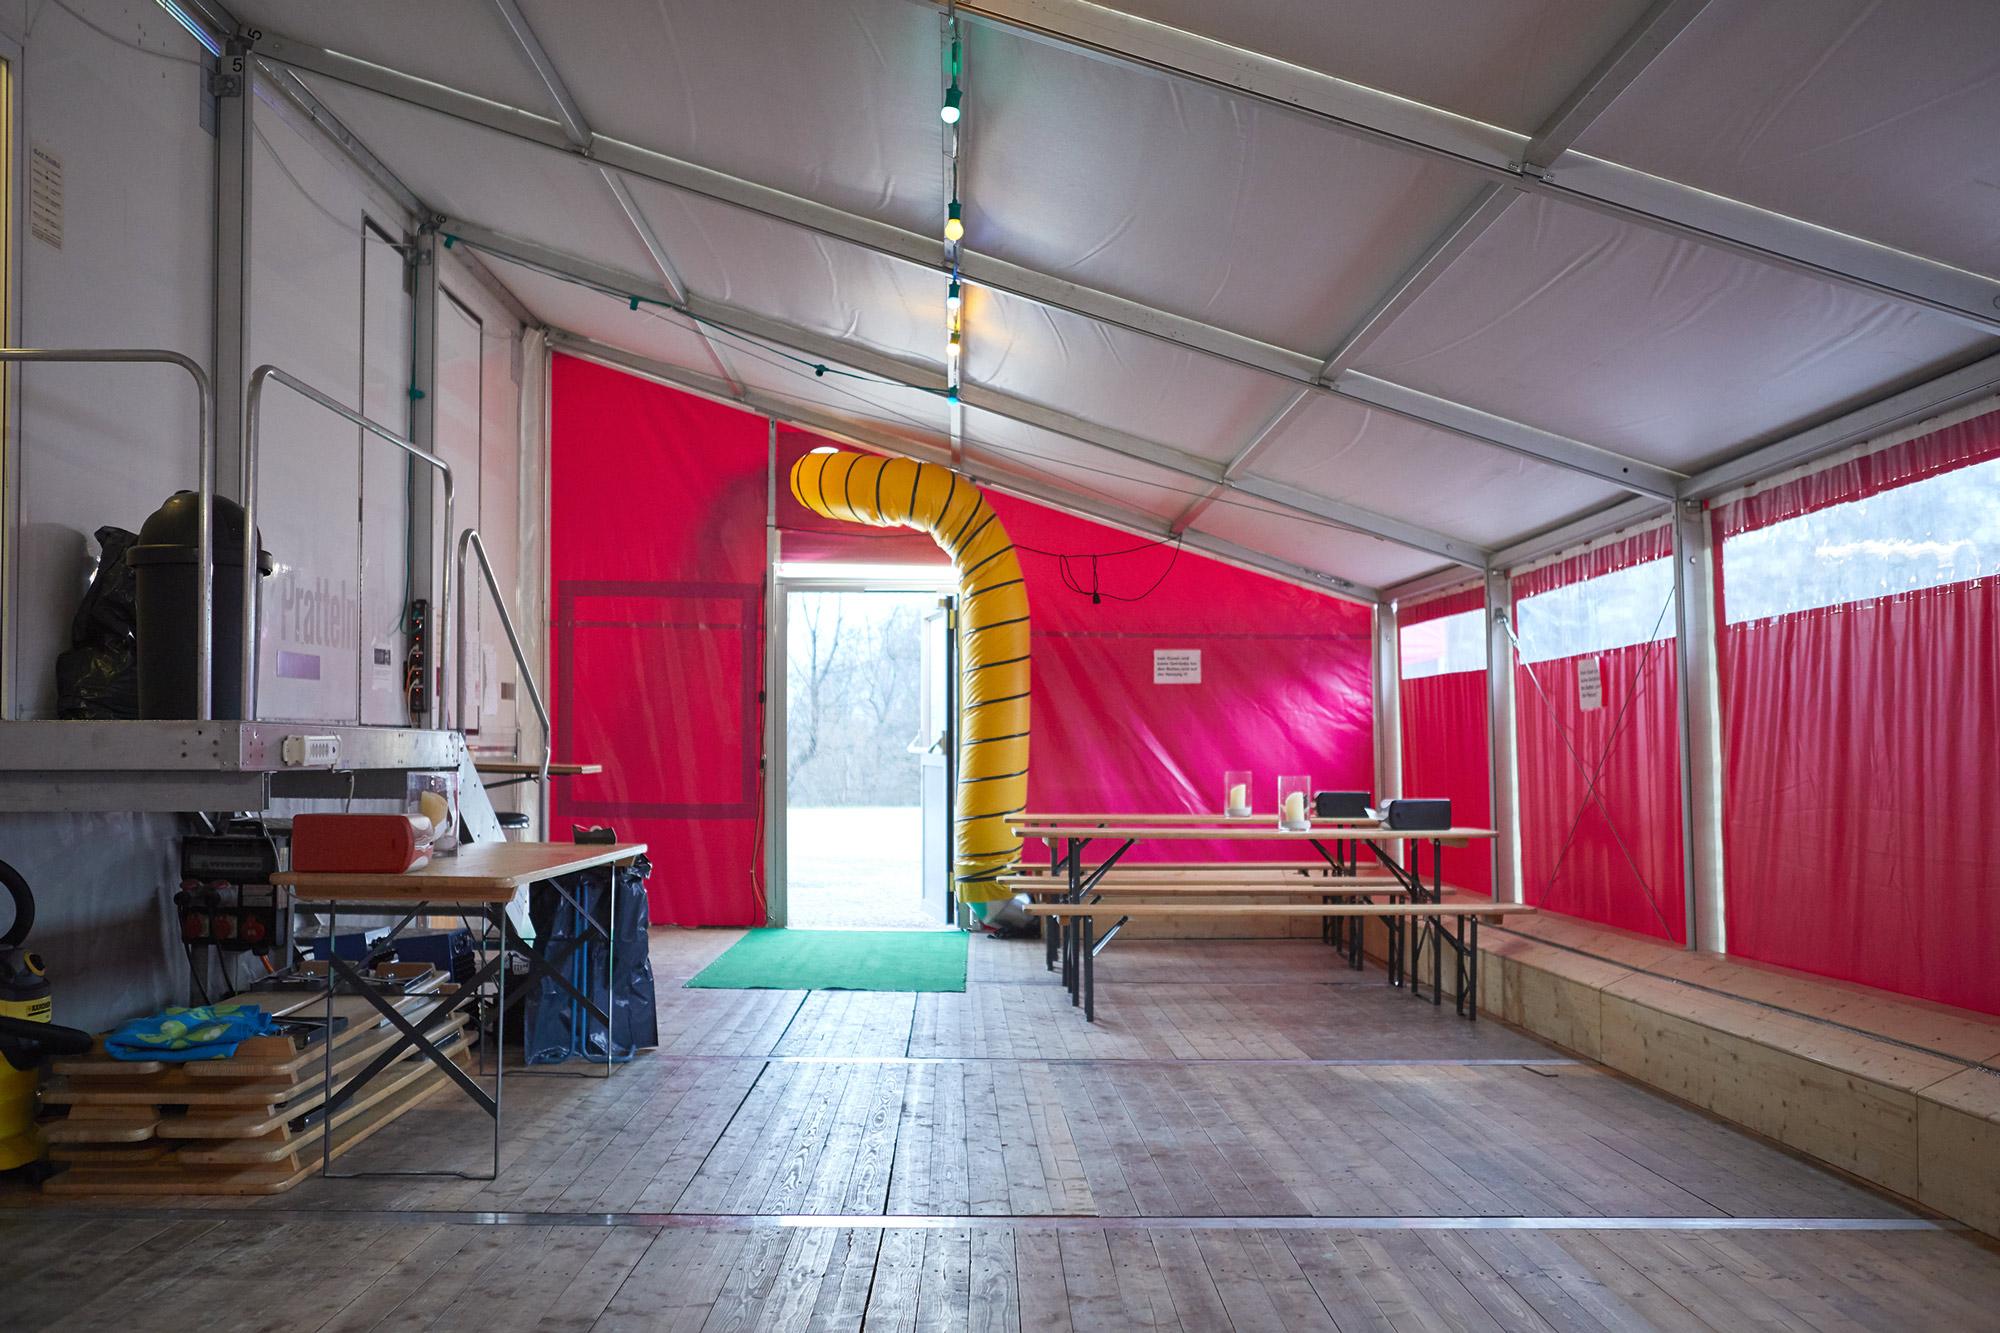 Full Size of Nicht Allein Ikea Küche Kosten Modulküche Betten Bei Miniküche Kaufen Sofa Mit Schlaffunktion 160x200 Wohnzimmer Ikea Küchenbank